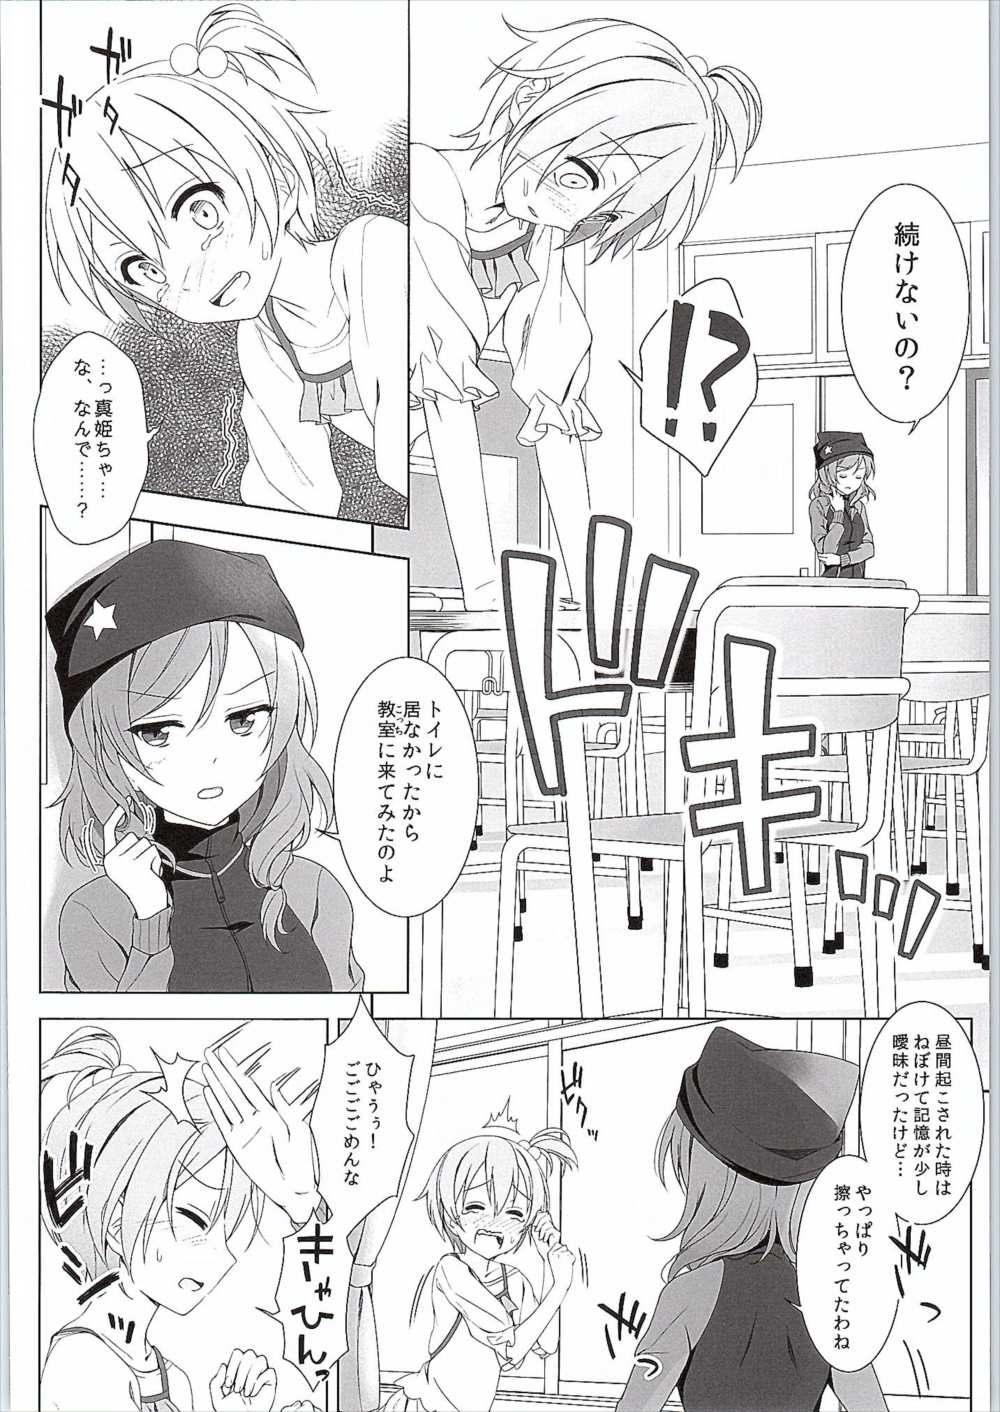 【エロ漫画】角オナが癖になってやめられない凛が真姫に見つかって手ほどきされながら角オナでイッちゃうwwwww